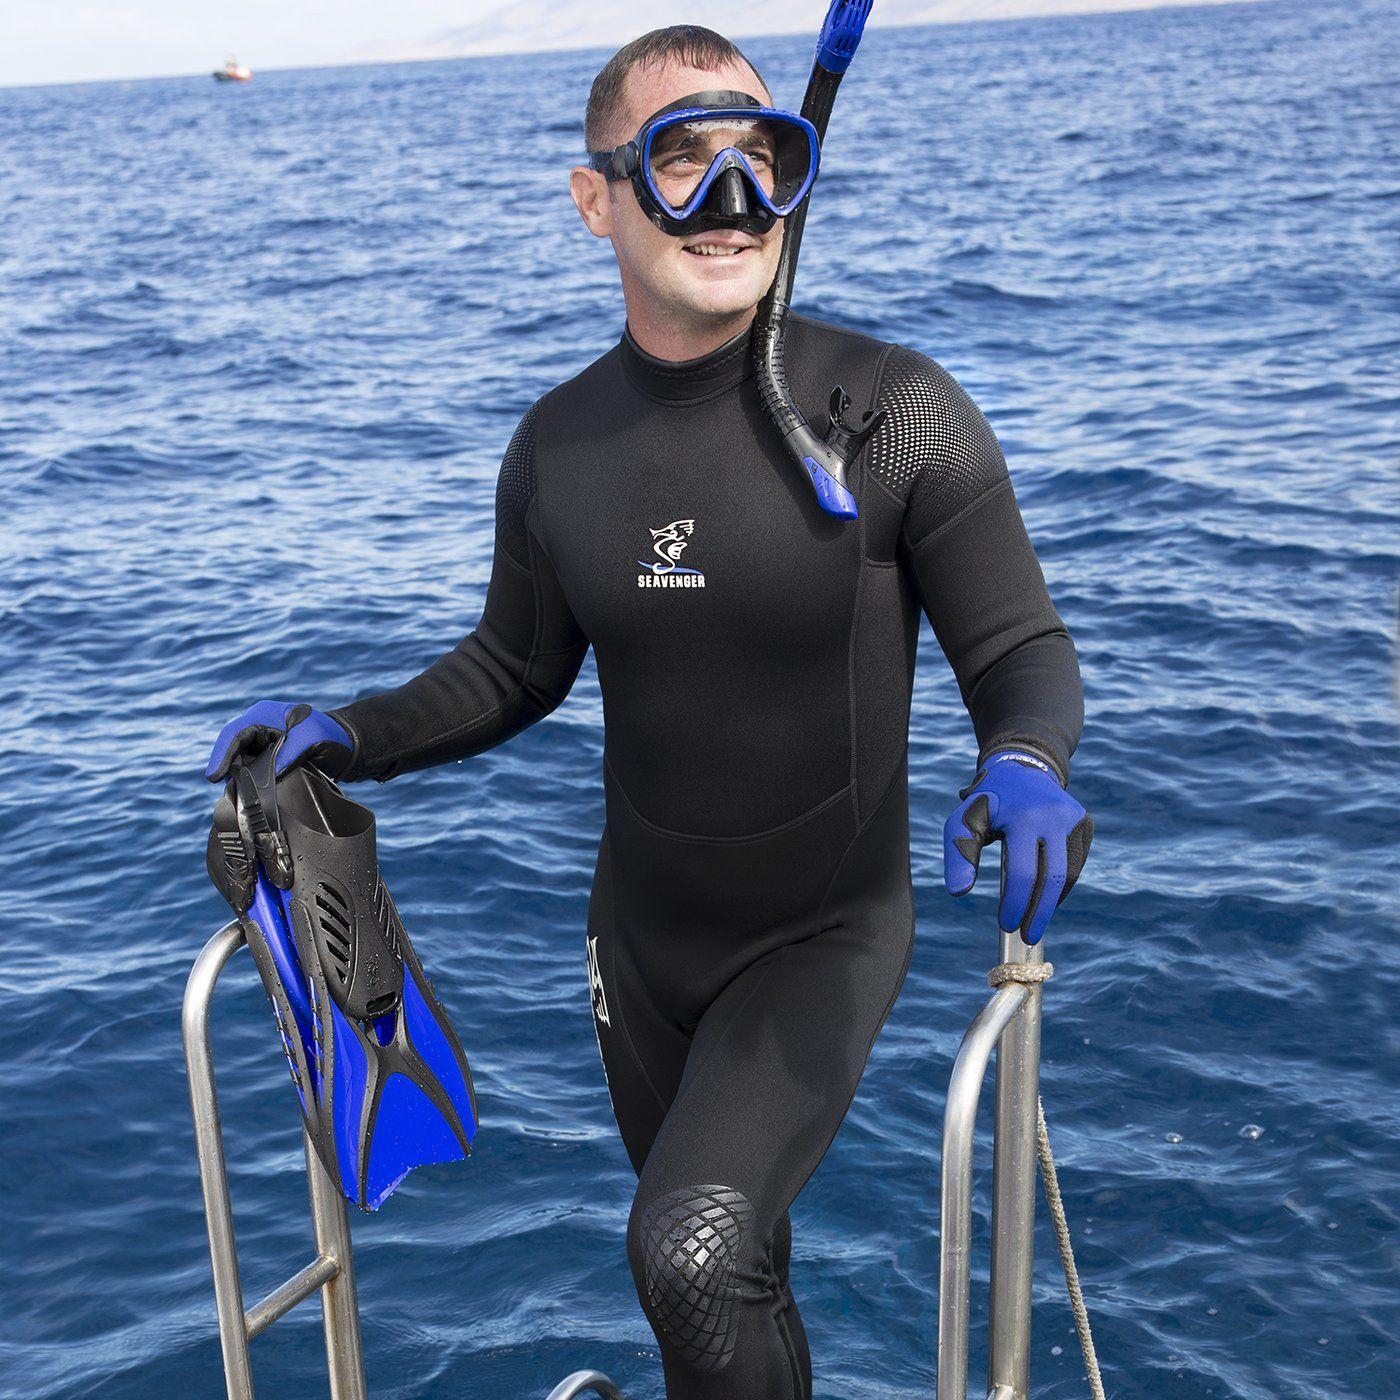 Seavenger Men s 3mm Neoprene Full-Length Wetsuit with Super Stretch Panels b06278f69